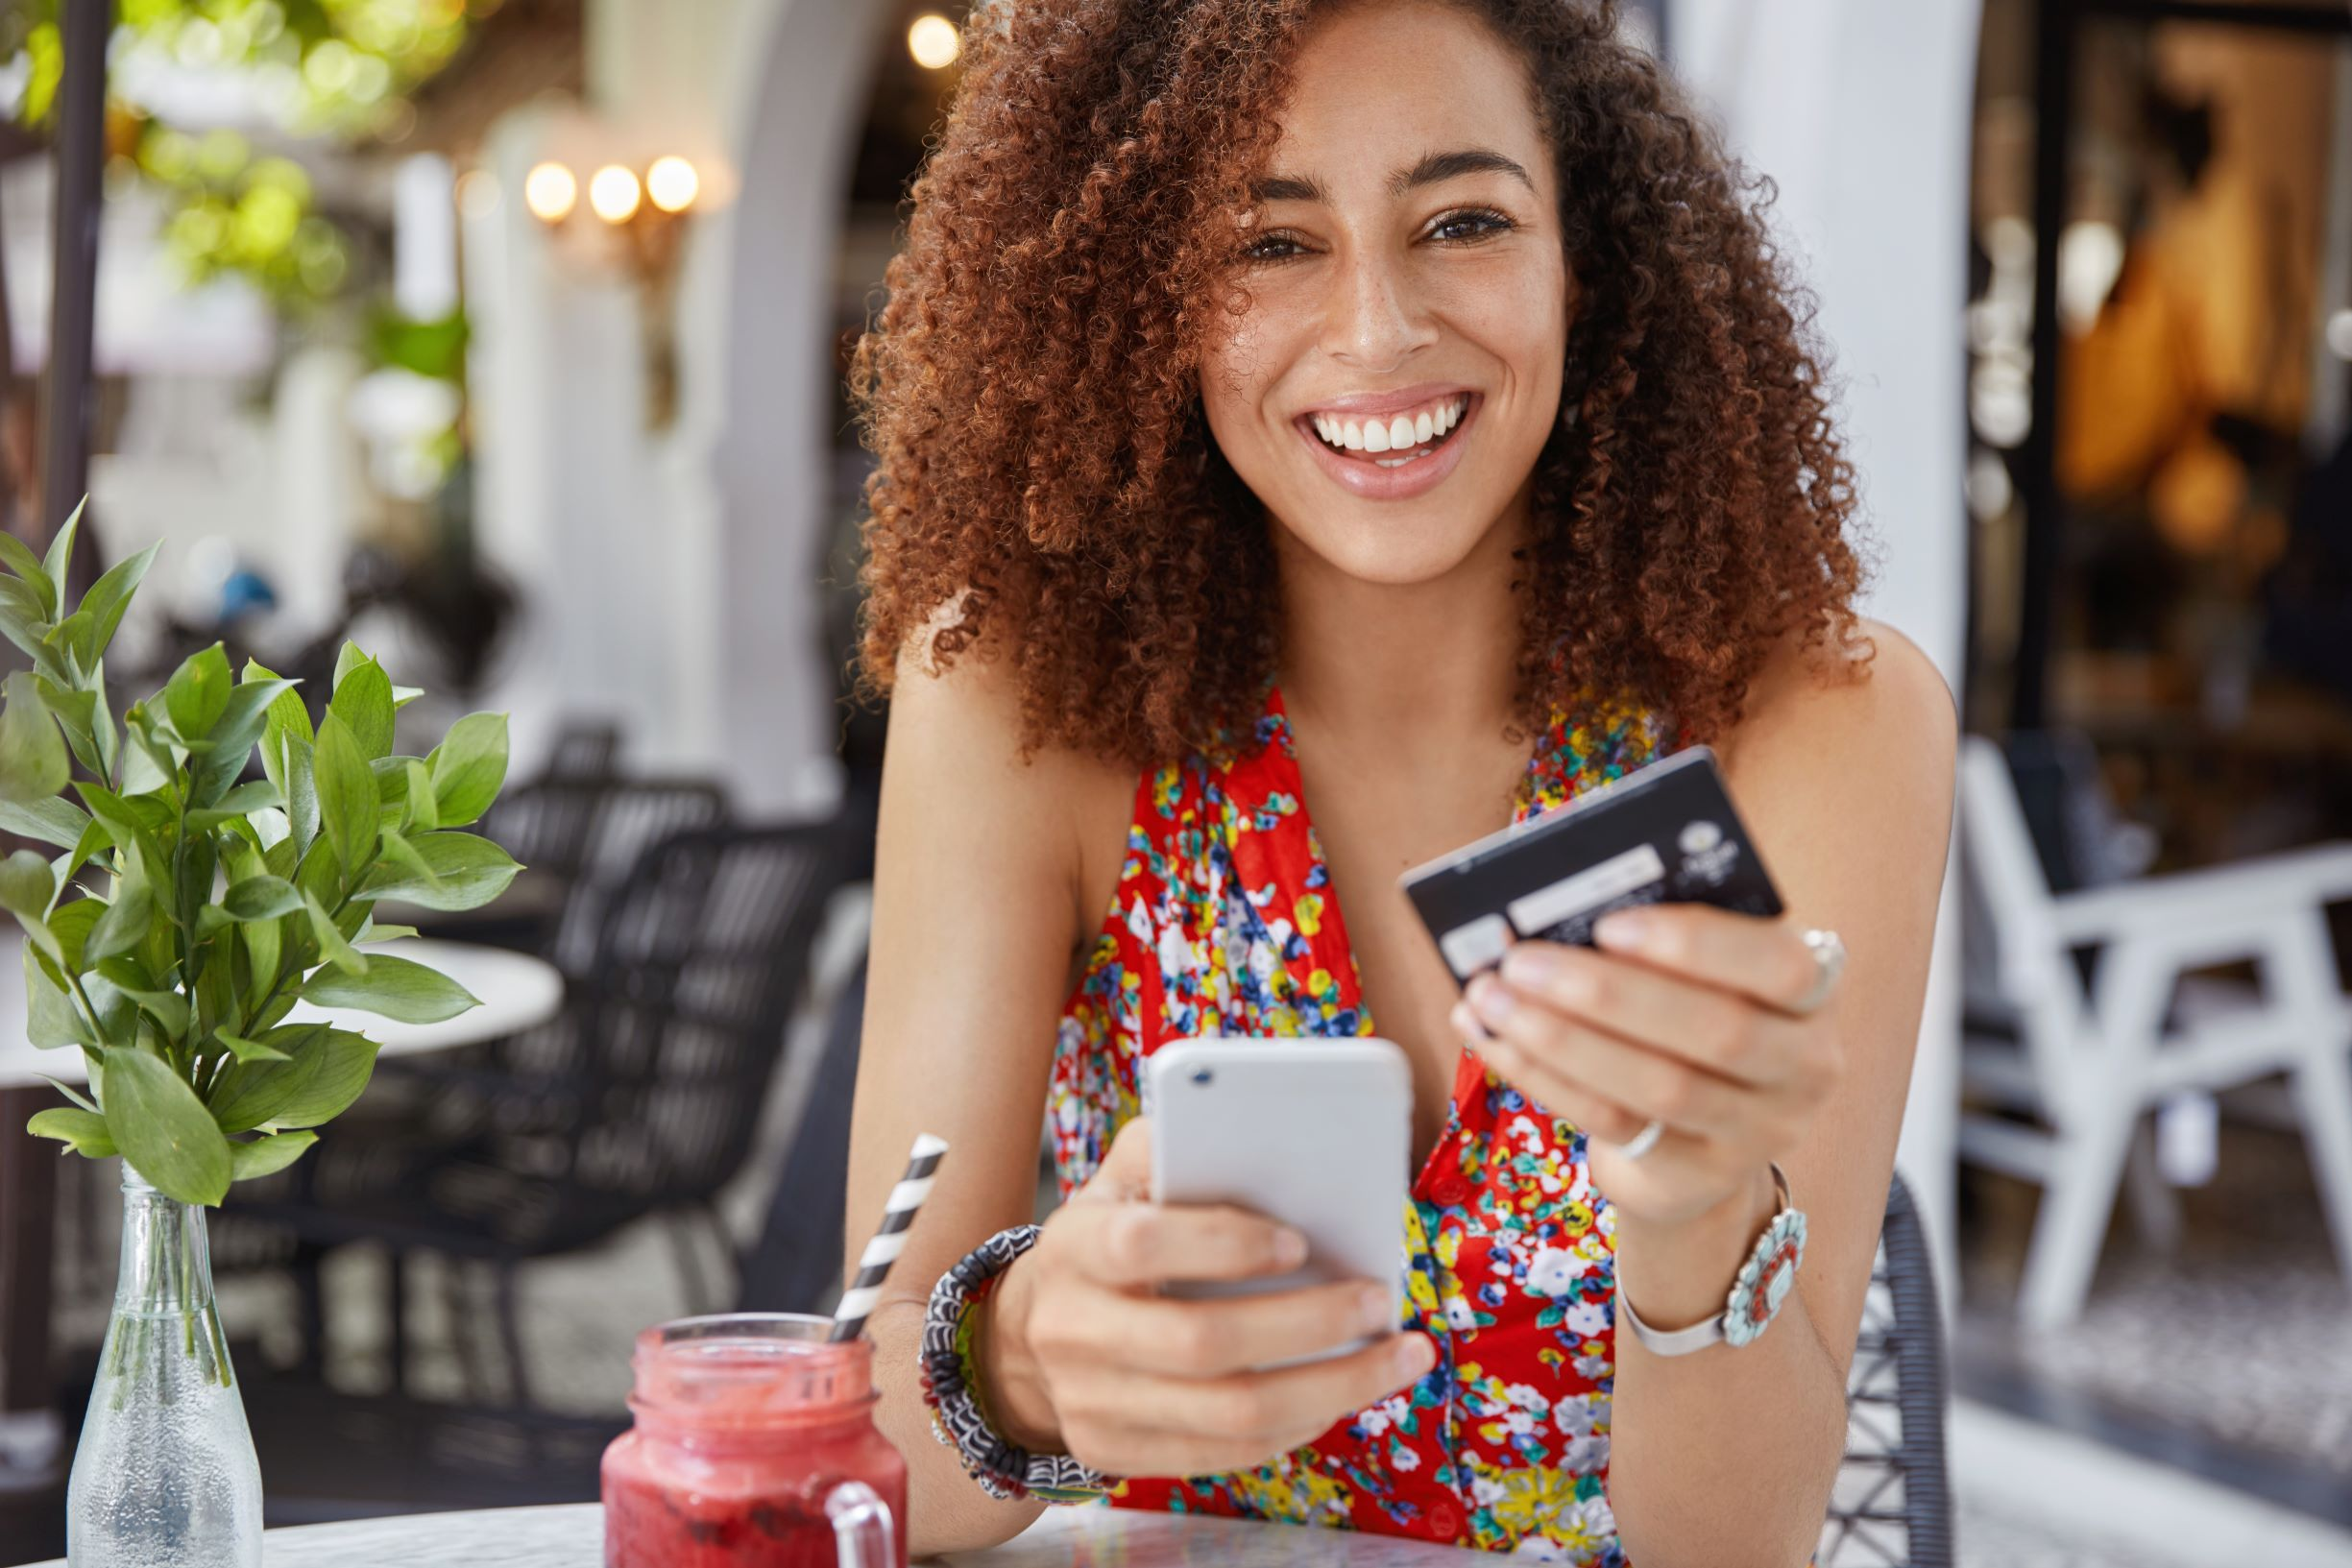 Braunhaarige Frau mit Kreditkarte in der Hand